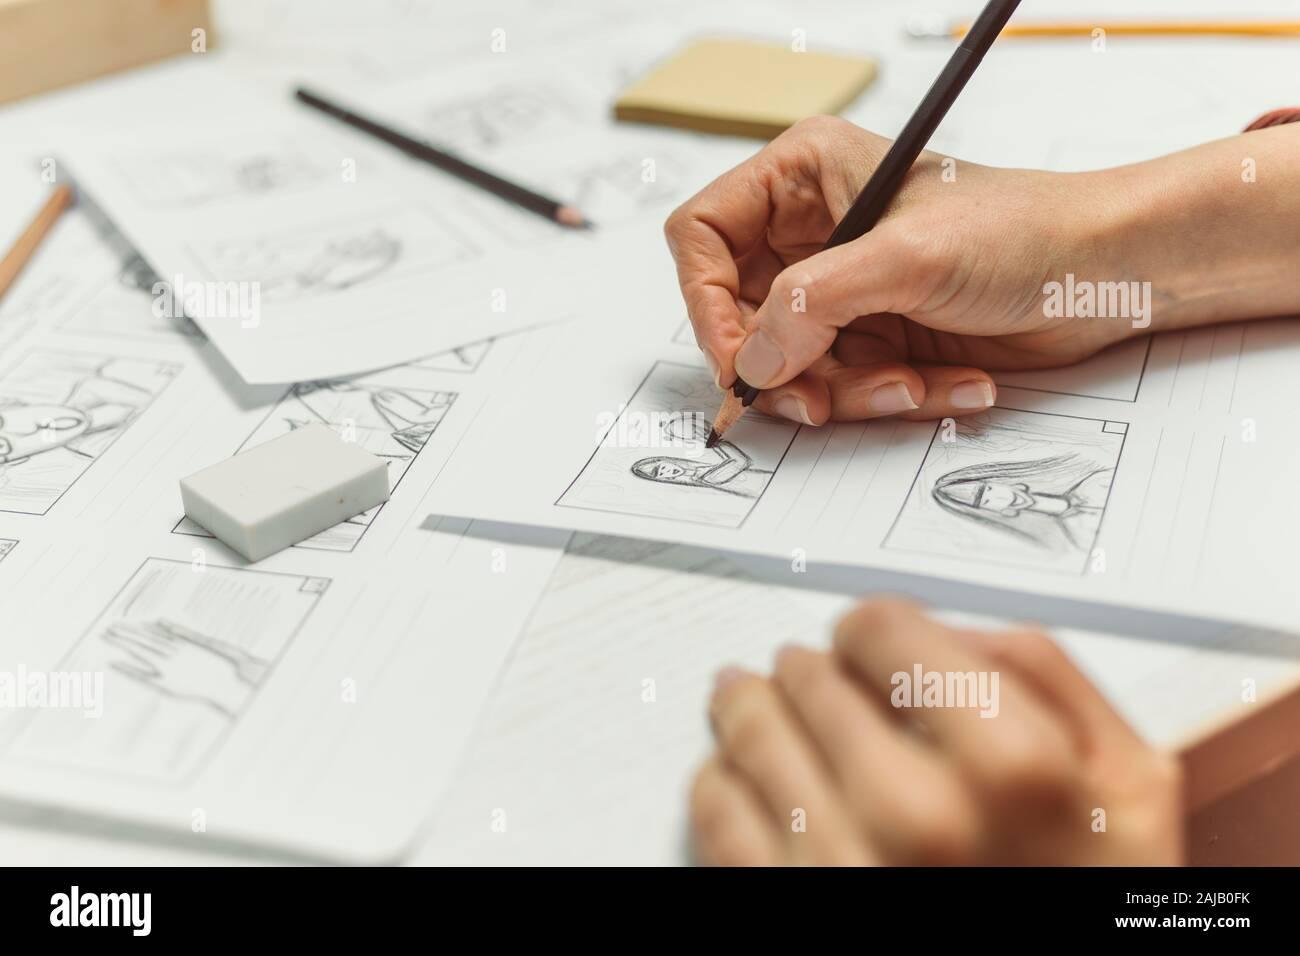 Woman's Hand zeichnet ein Storyboard für einen Film oder Zeichentrickfilm. Stockfoto